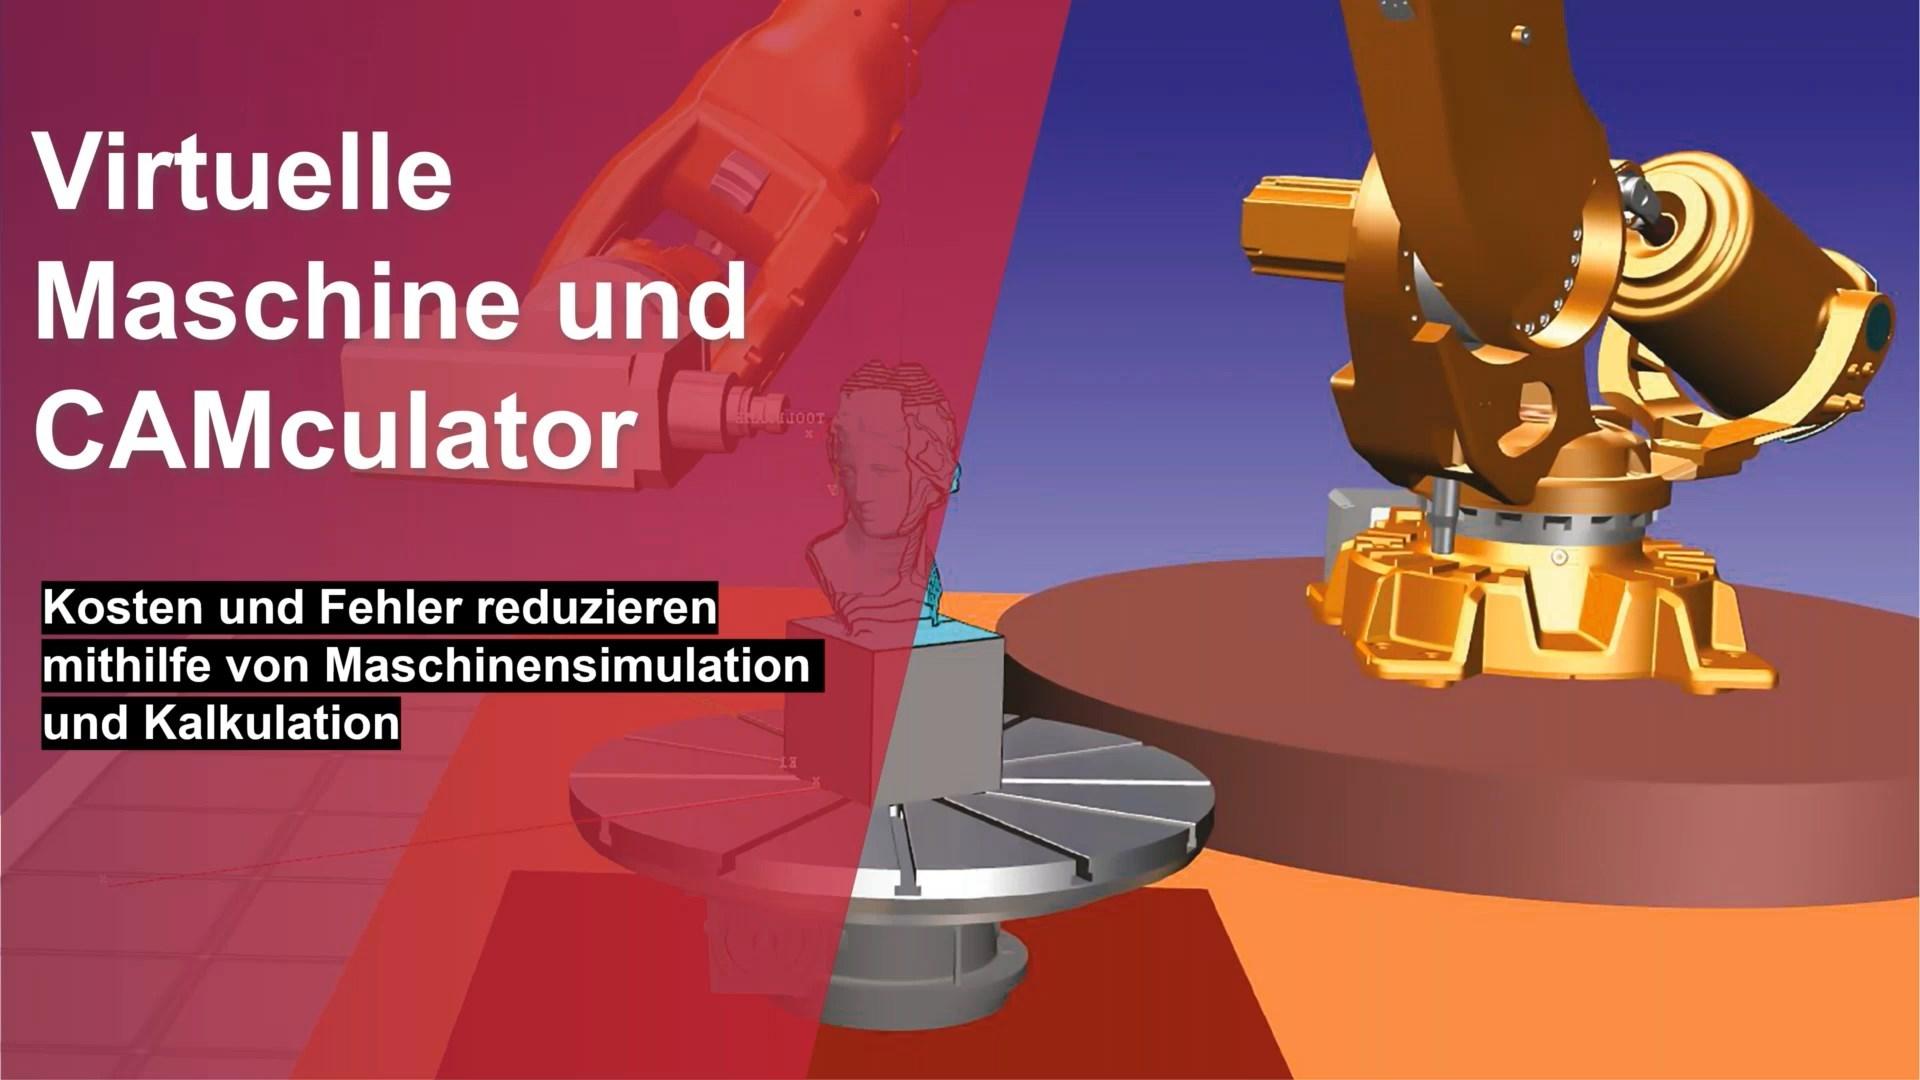 Fertigungsautomatisierung-Virtuelle-Maschine-und-CAMCulator